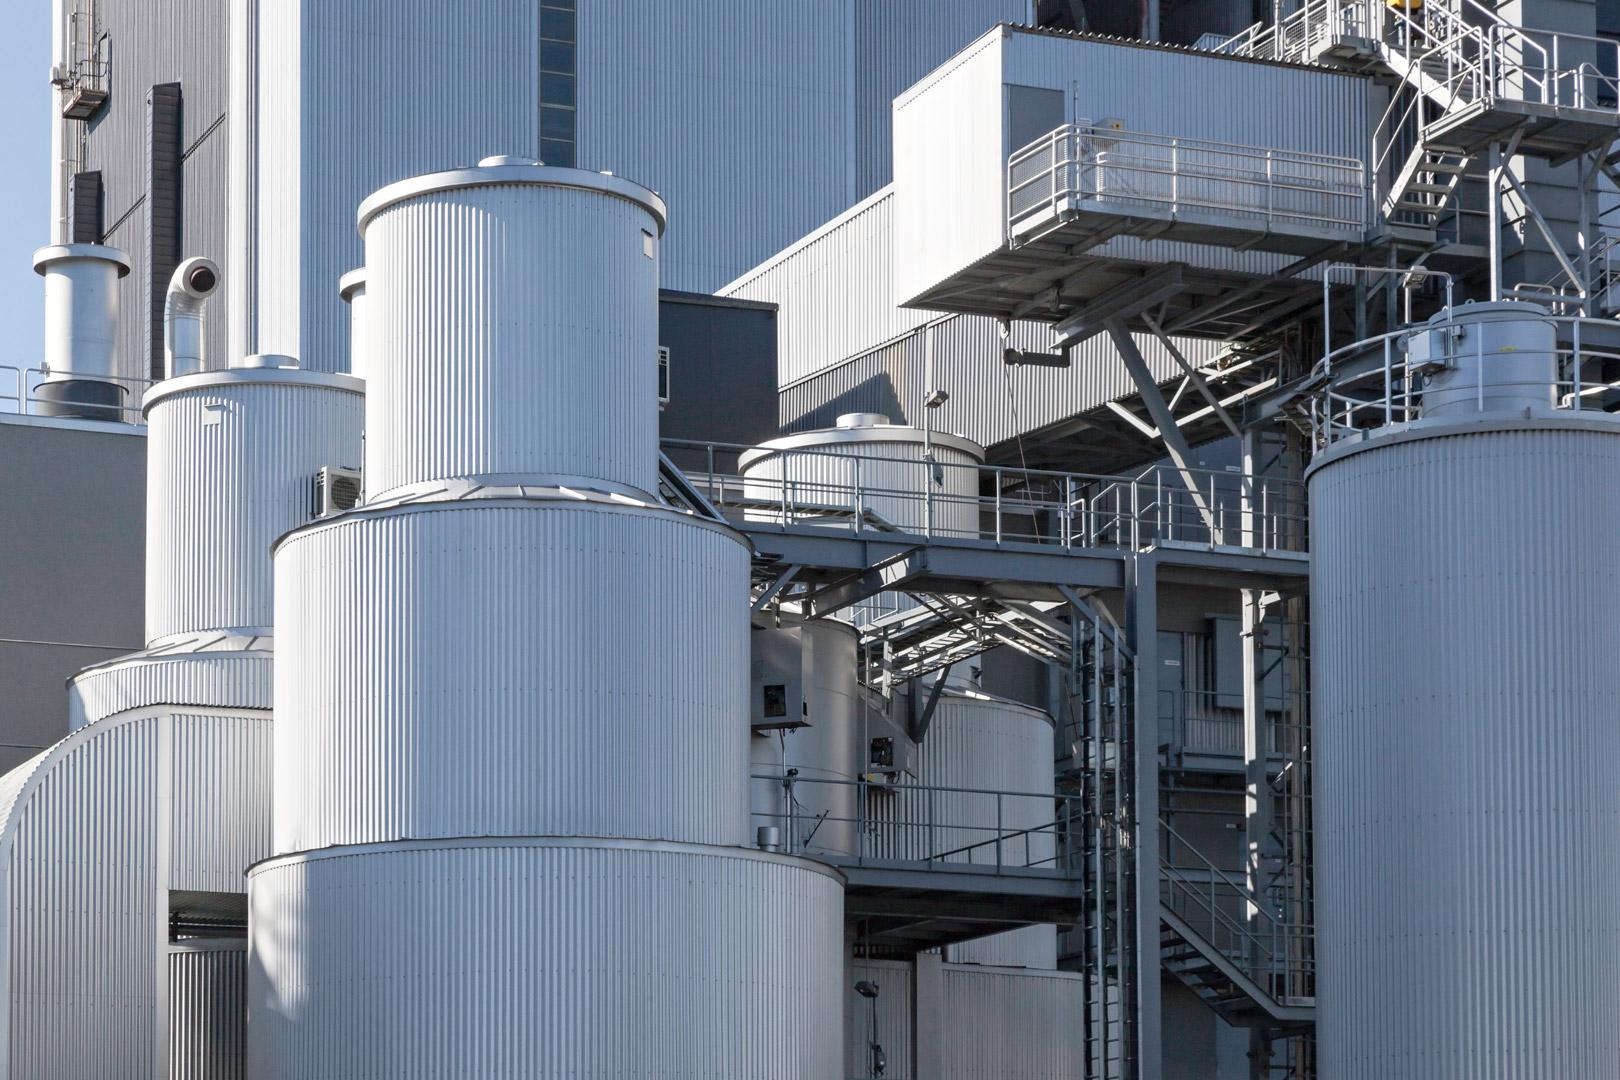 Lahti Energian kaasuvoimalaitos ja siilot